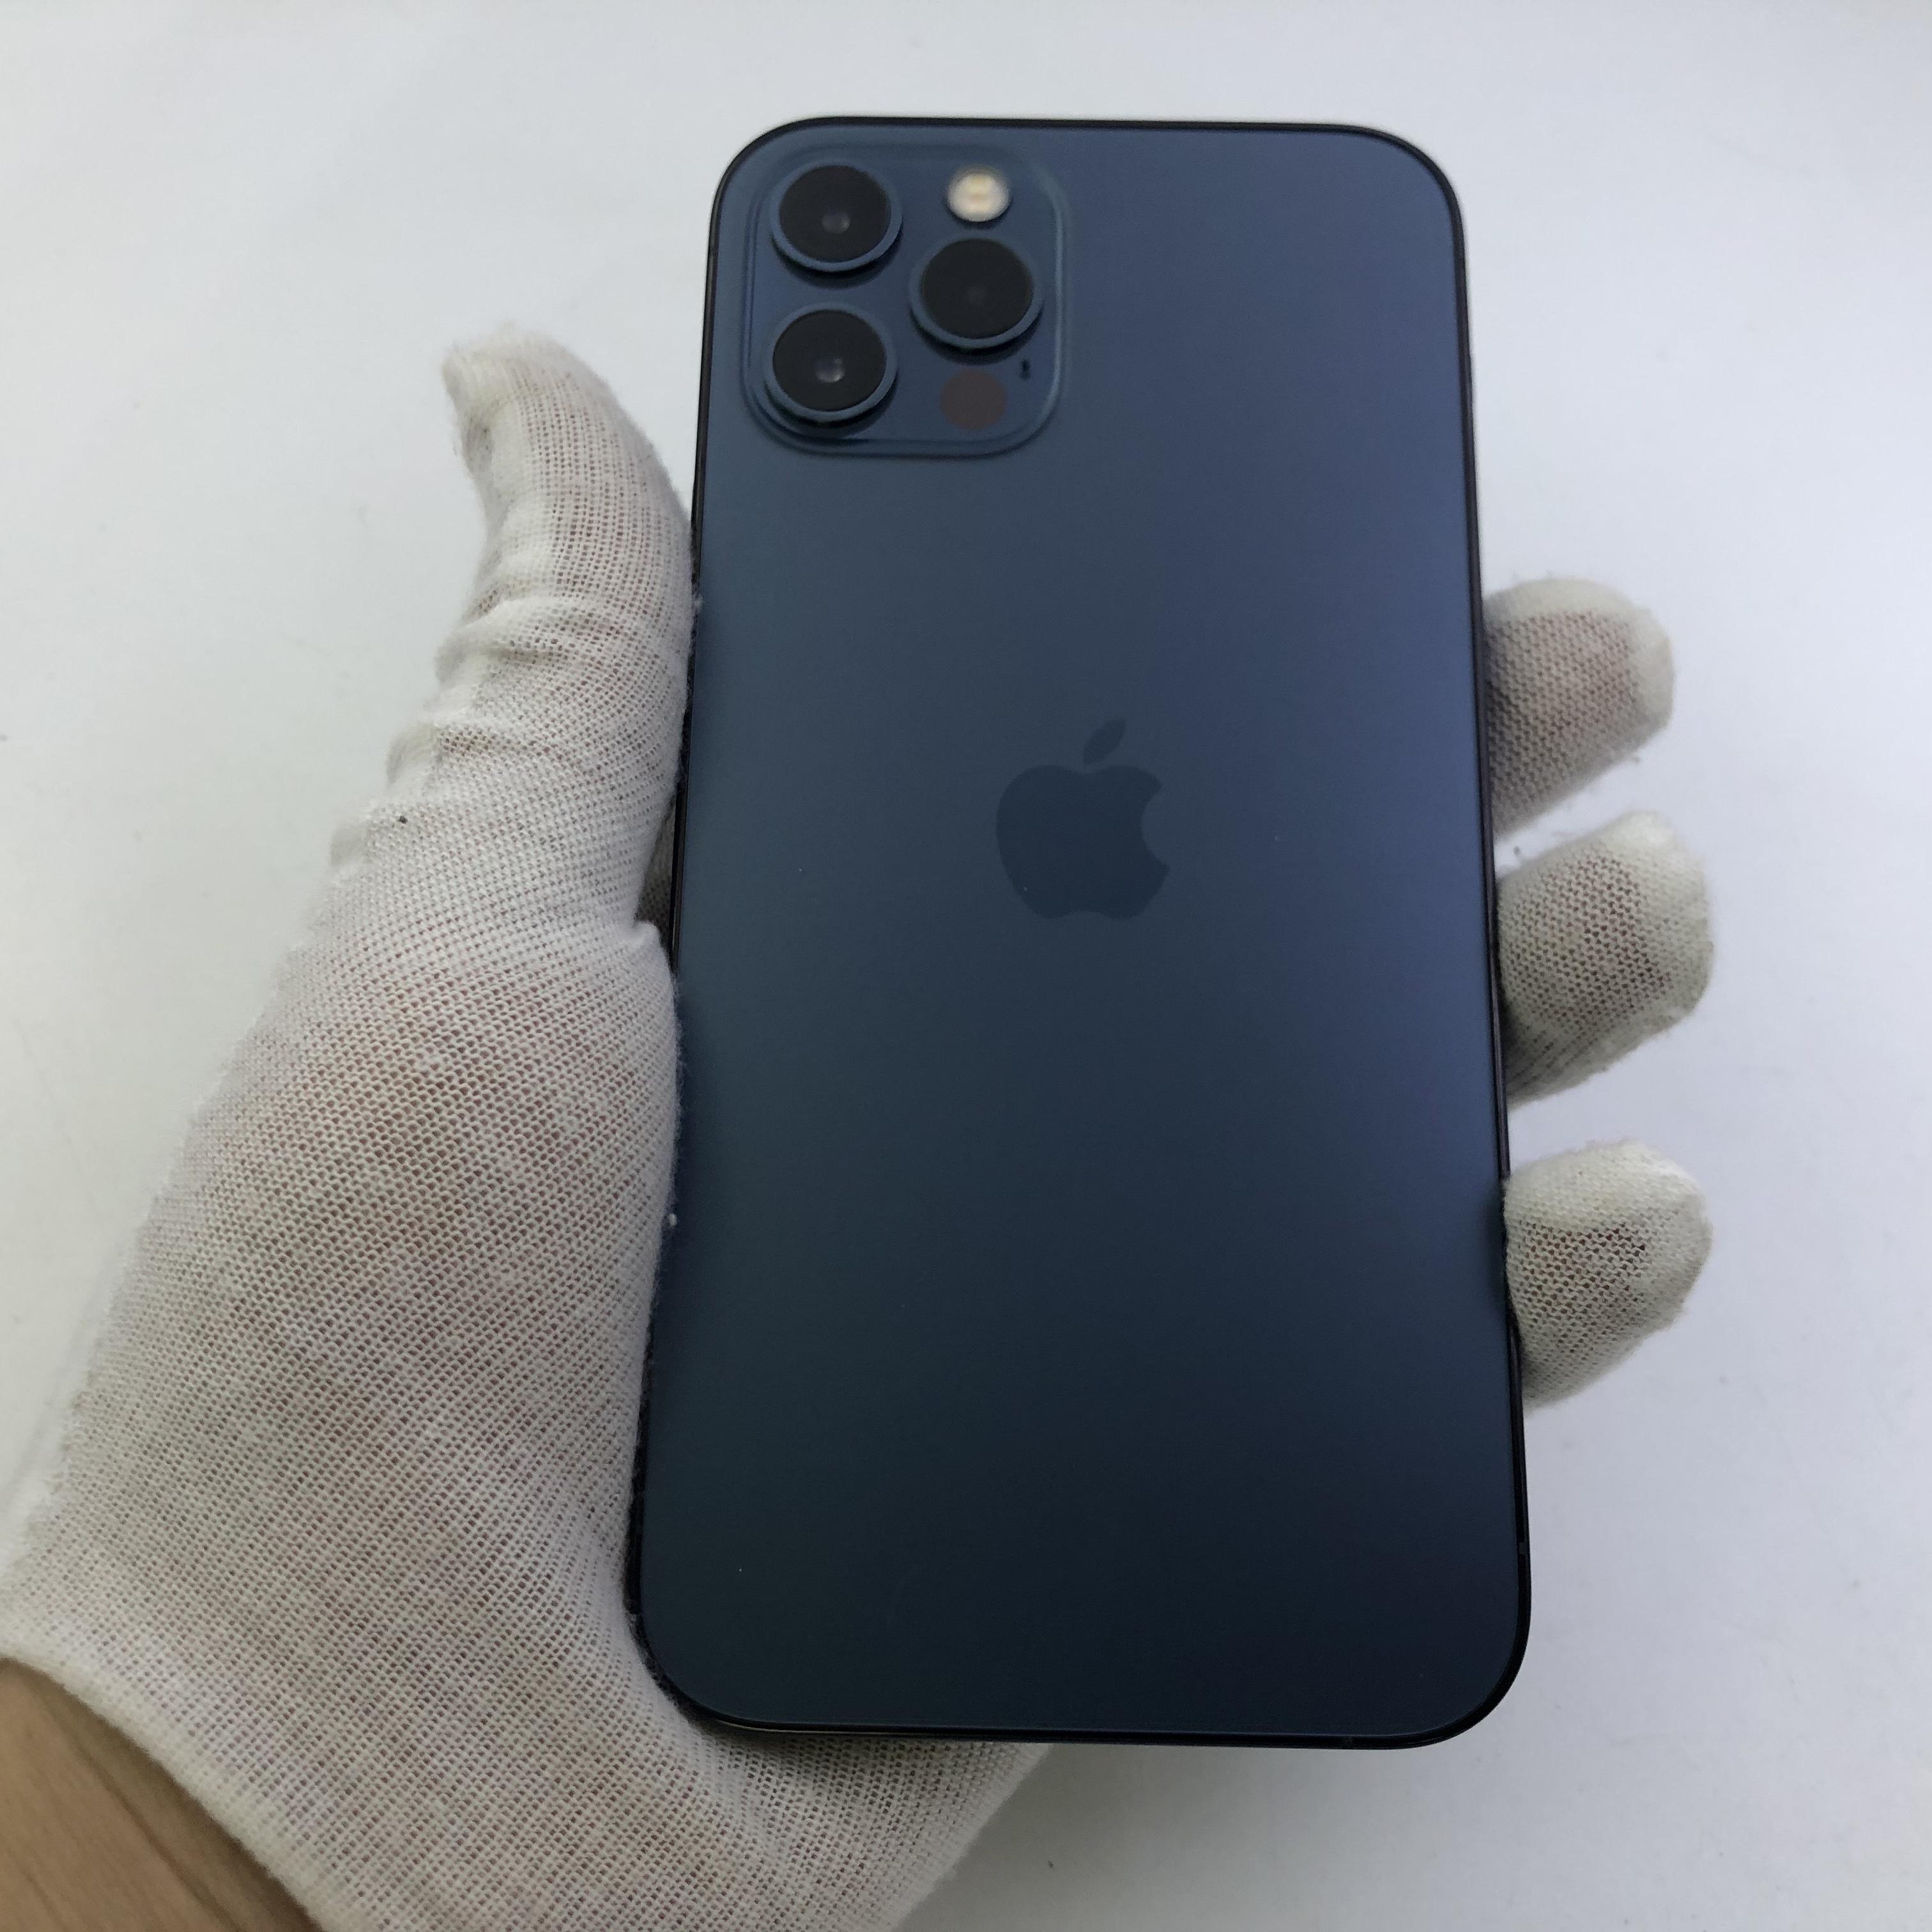 苹果【iPhone 12 Pro】5G全网通 海蓝色 256G 国际版 全新